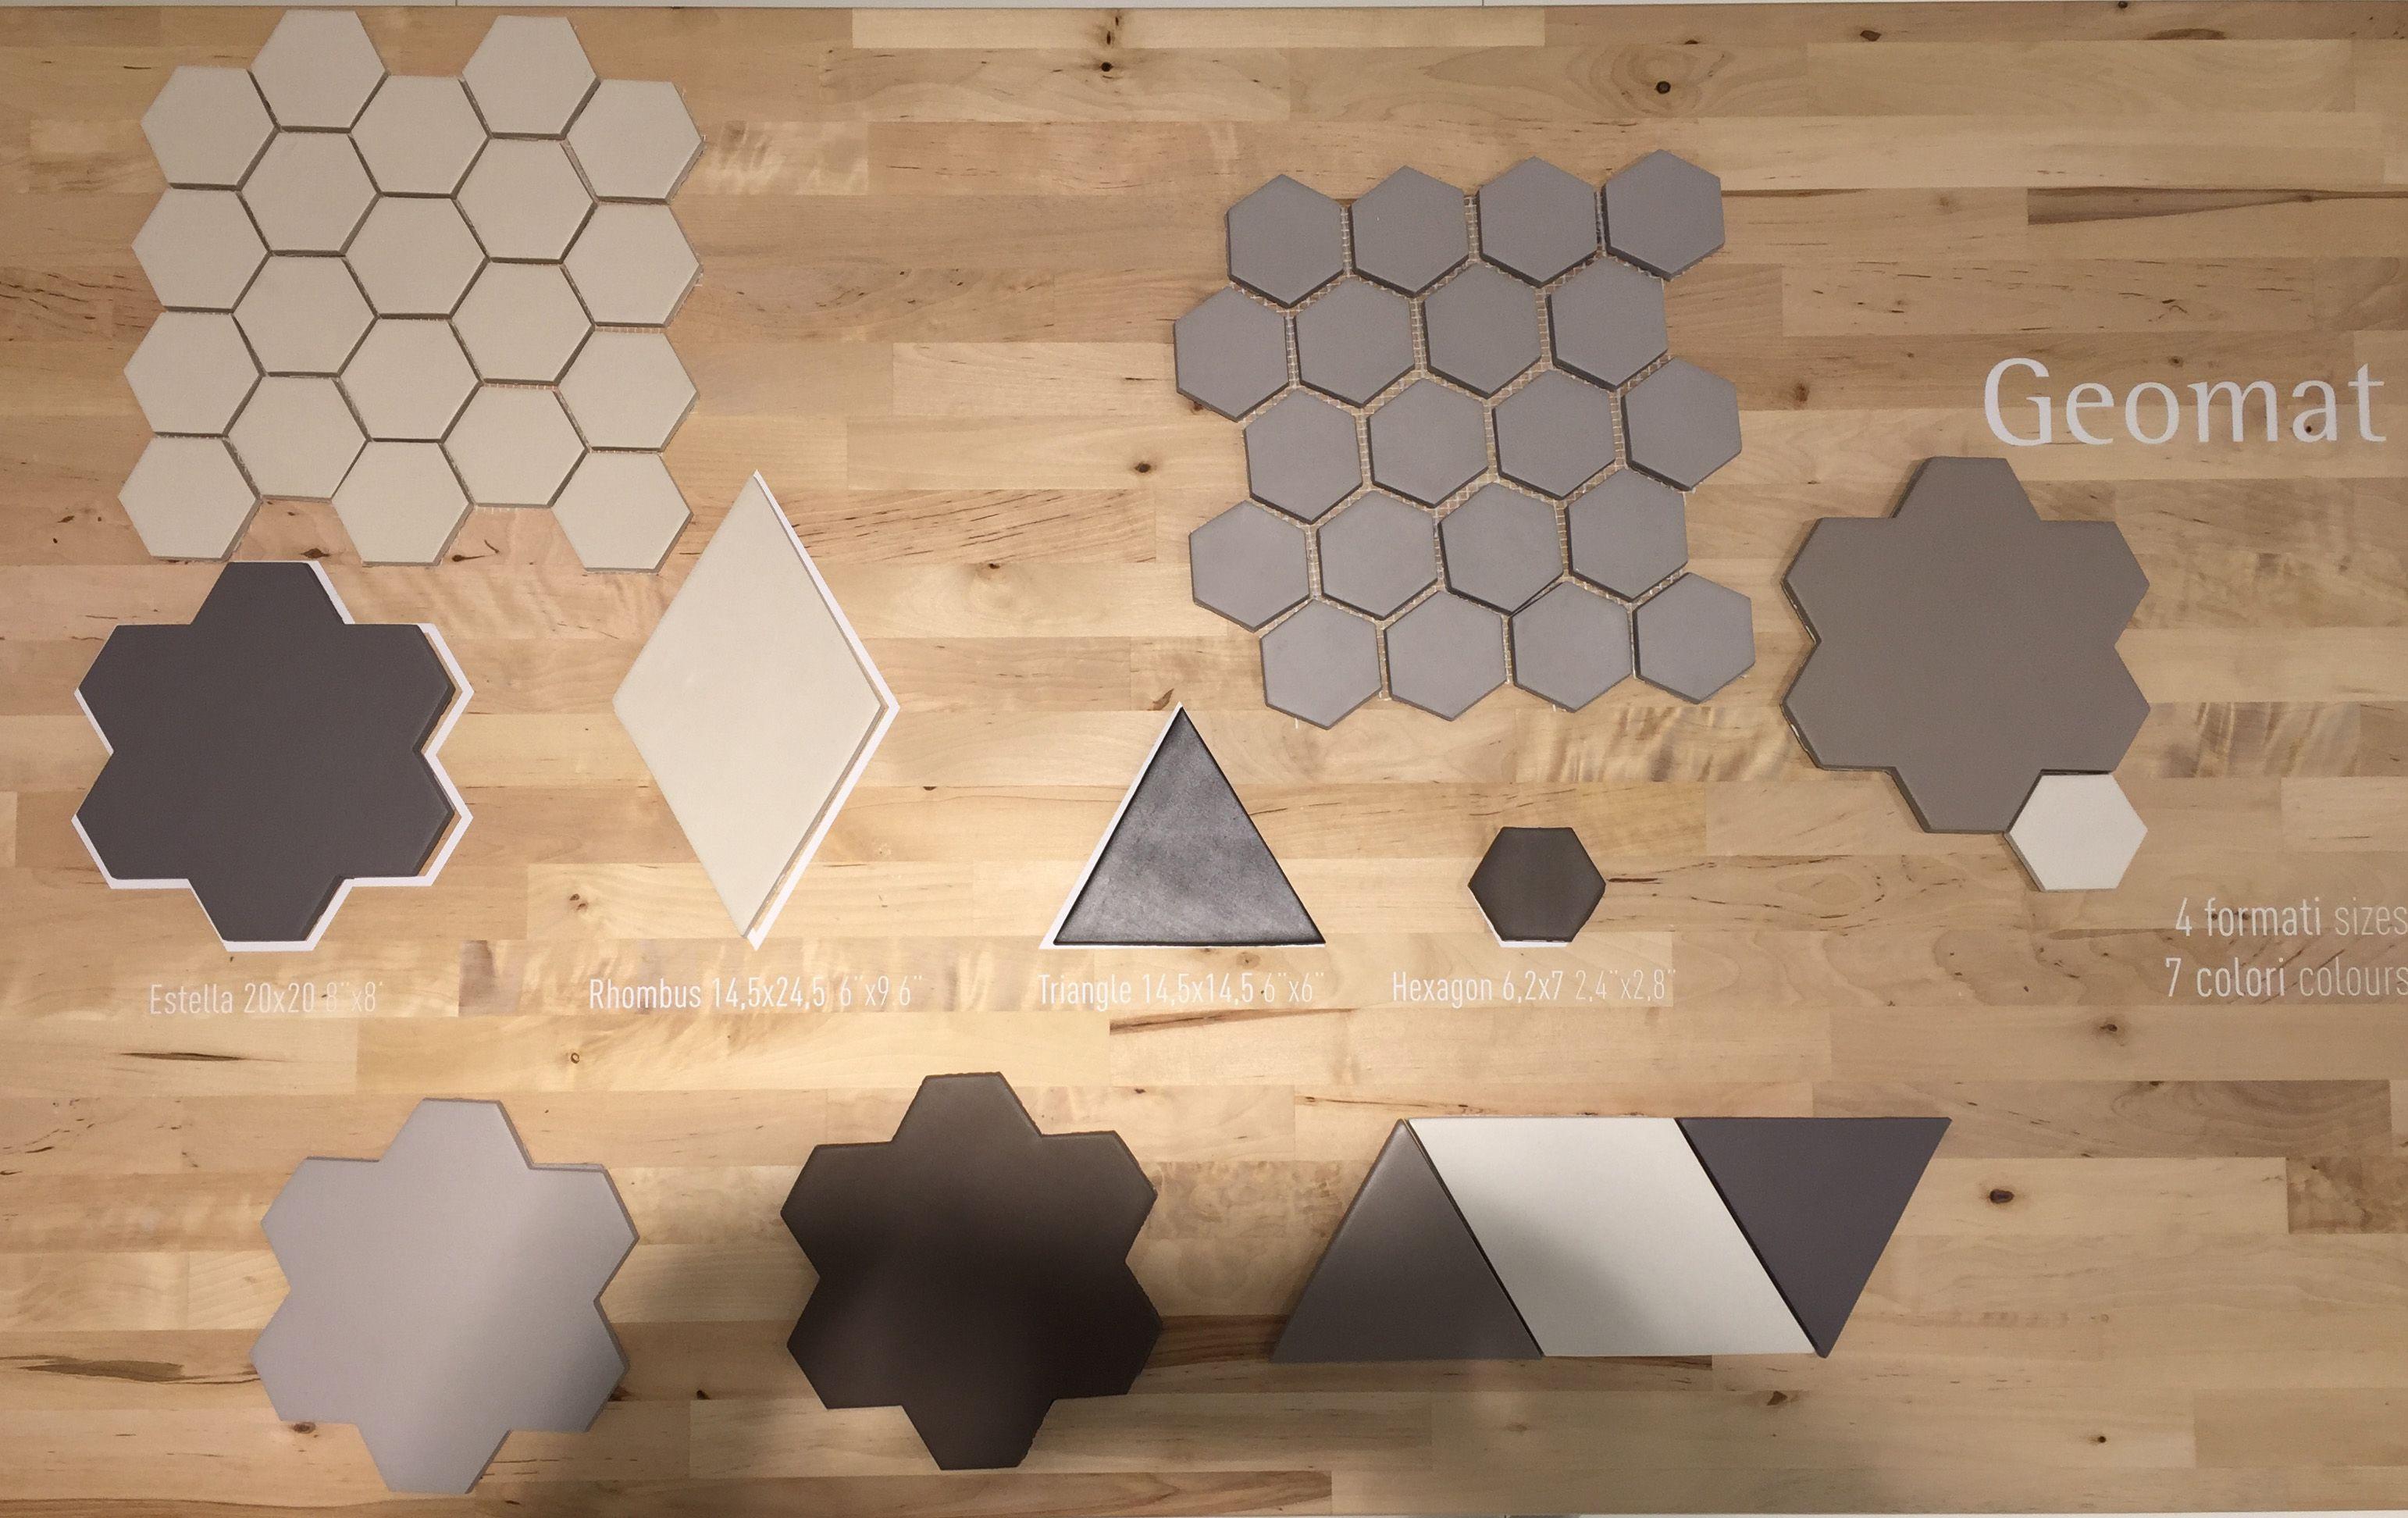 Tonalite cersaie 2015 collezione geomat 7 colori e 4 formati forma